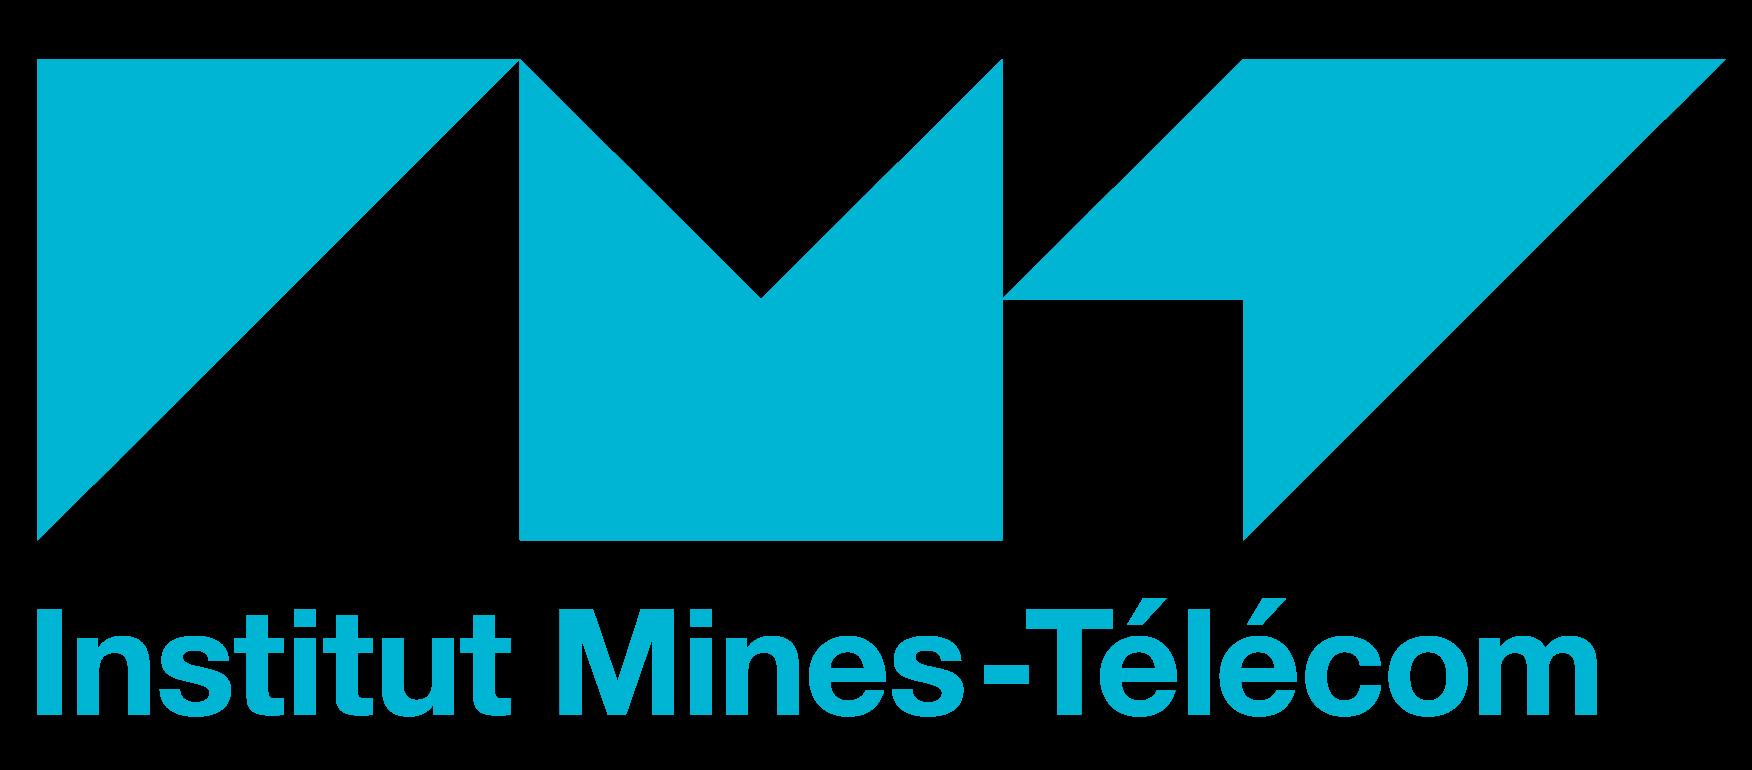 INSTITUT-MINES-TELECOM